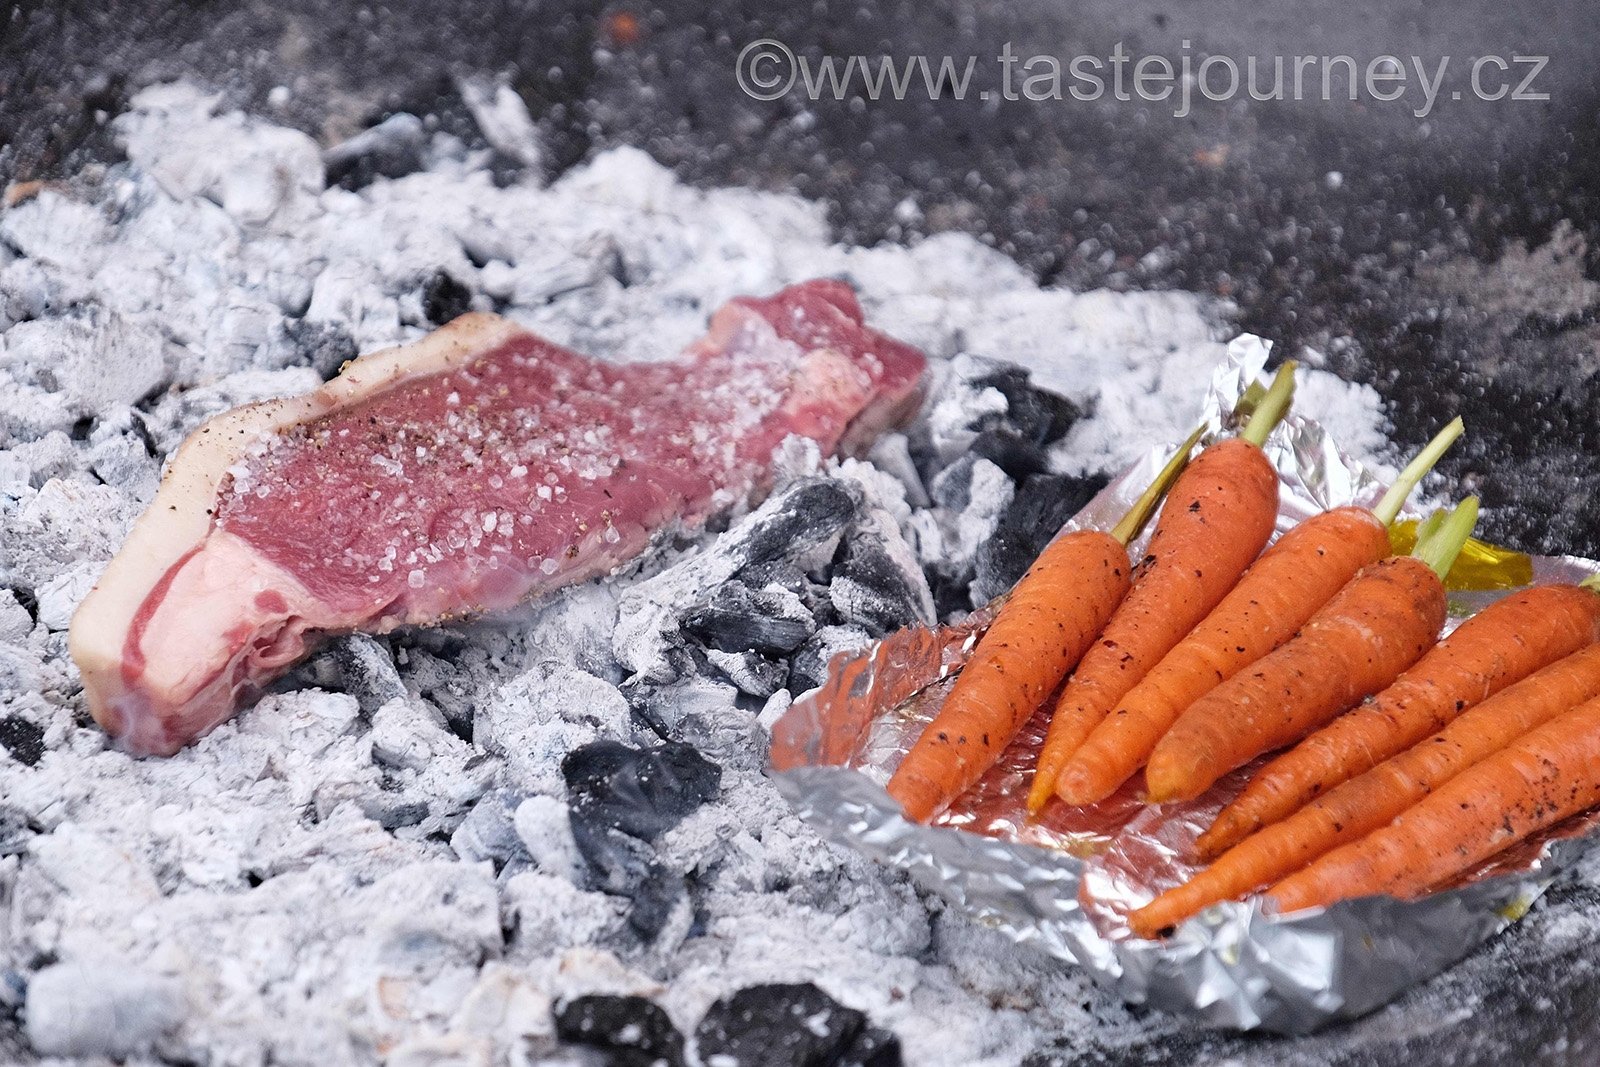 Steak  grilovaný  přímo na rozpáleném uhlí s mrkvičkami